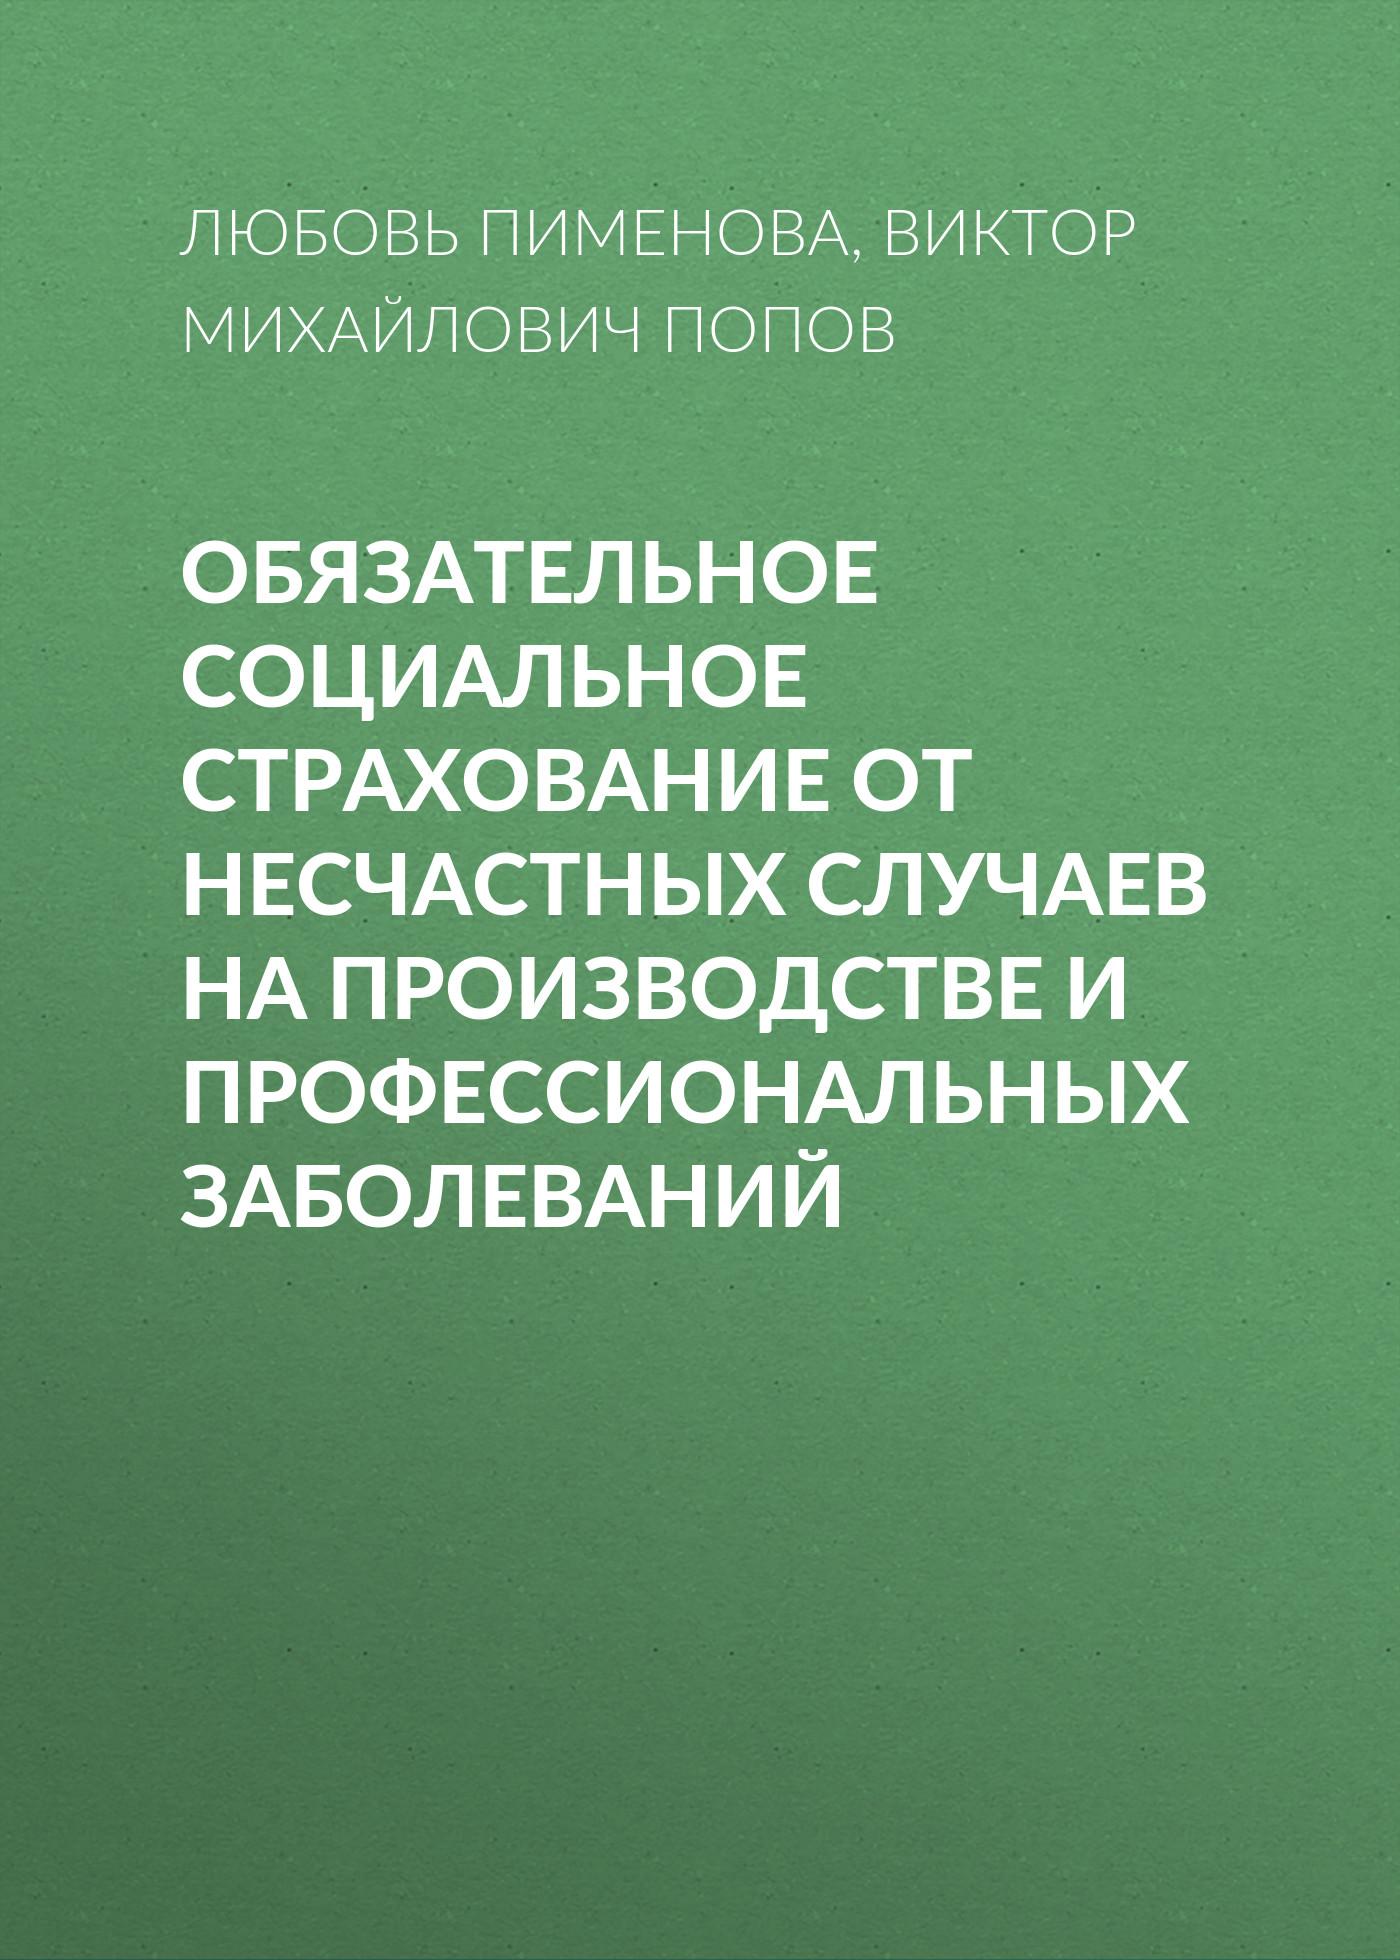 Виктор Михайлович Попов Обязательное социальное страхование от несчастных случаев на производстве и профессиональных заболеваний обязательное социальное страхование от несчастных случаев на производстве применение законодательства практическое пособие